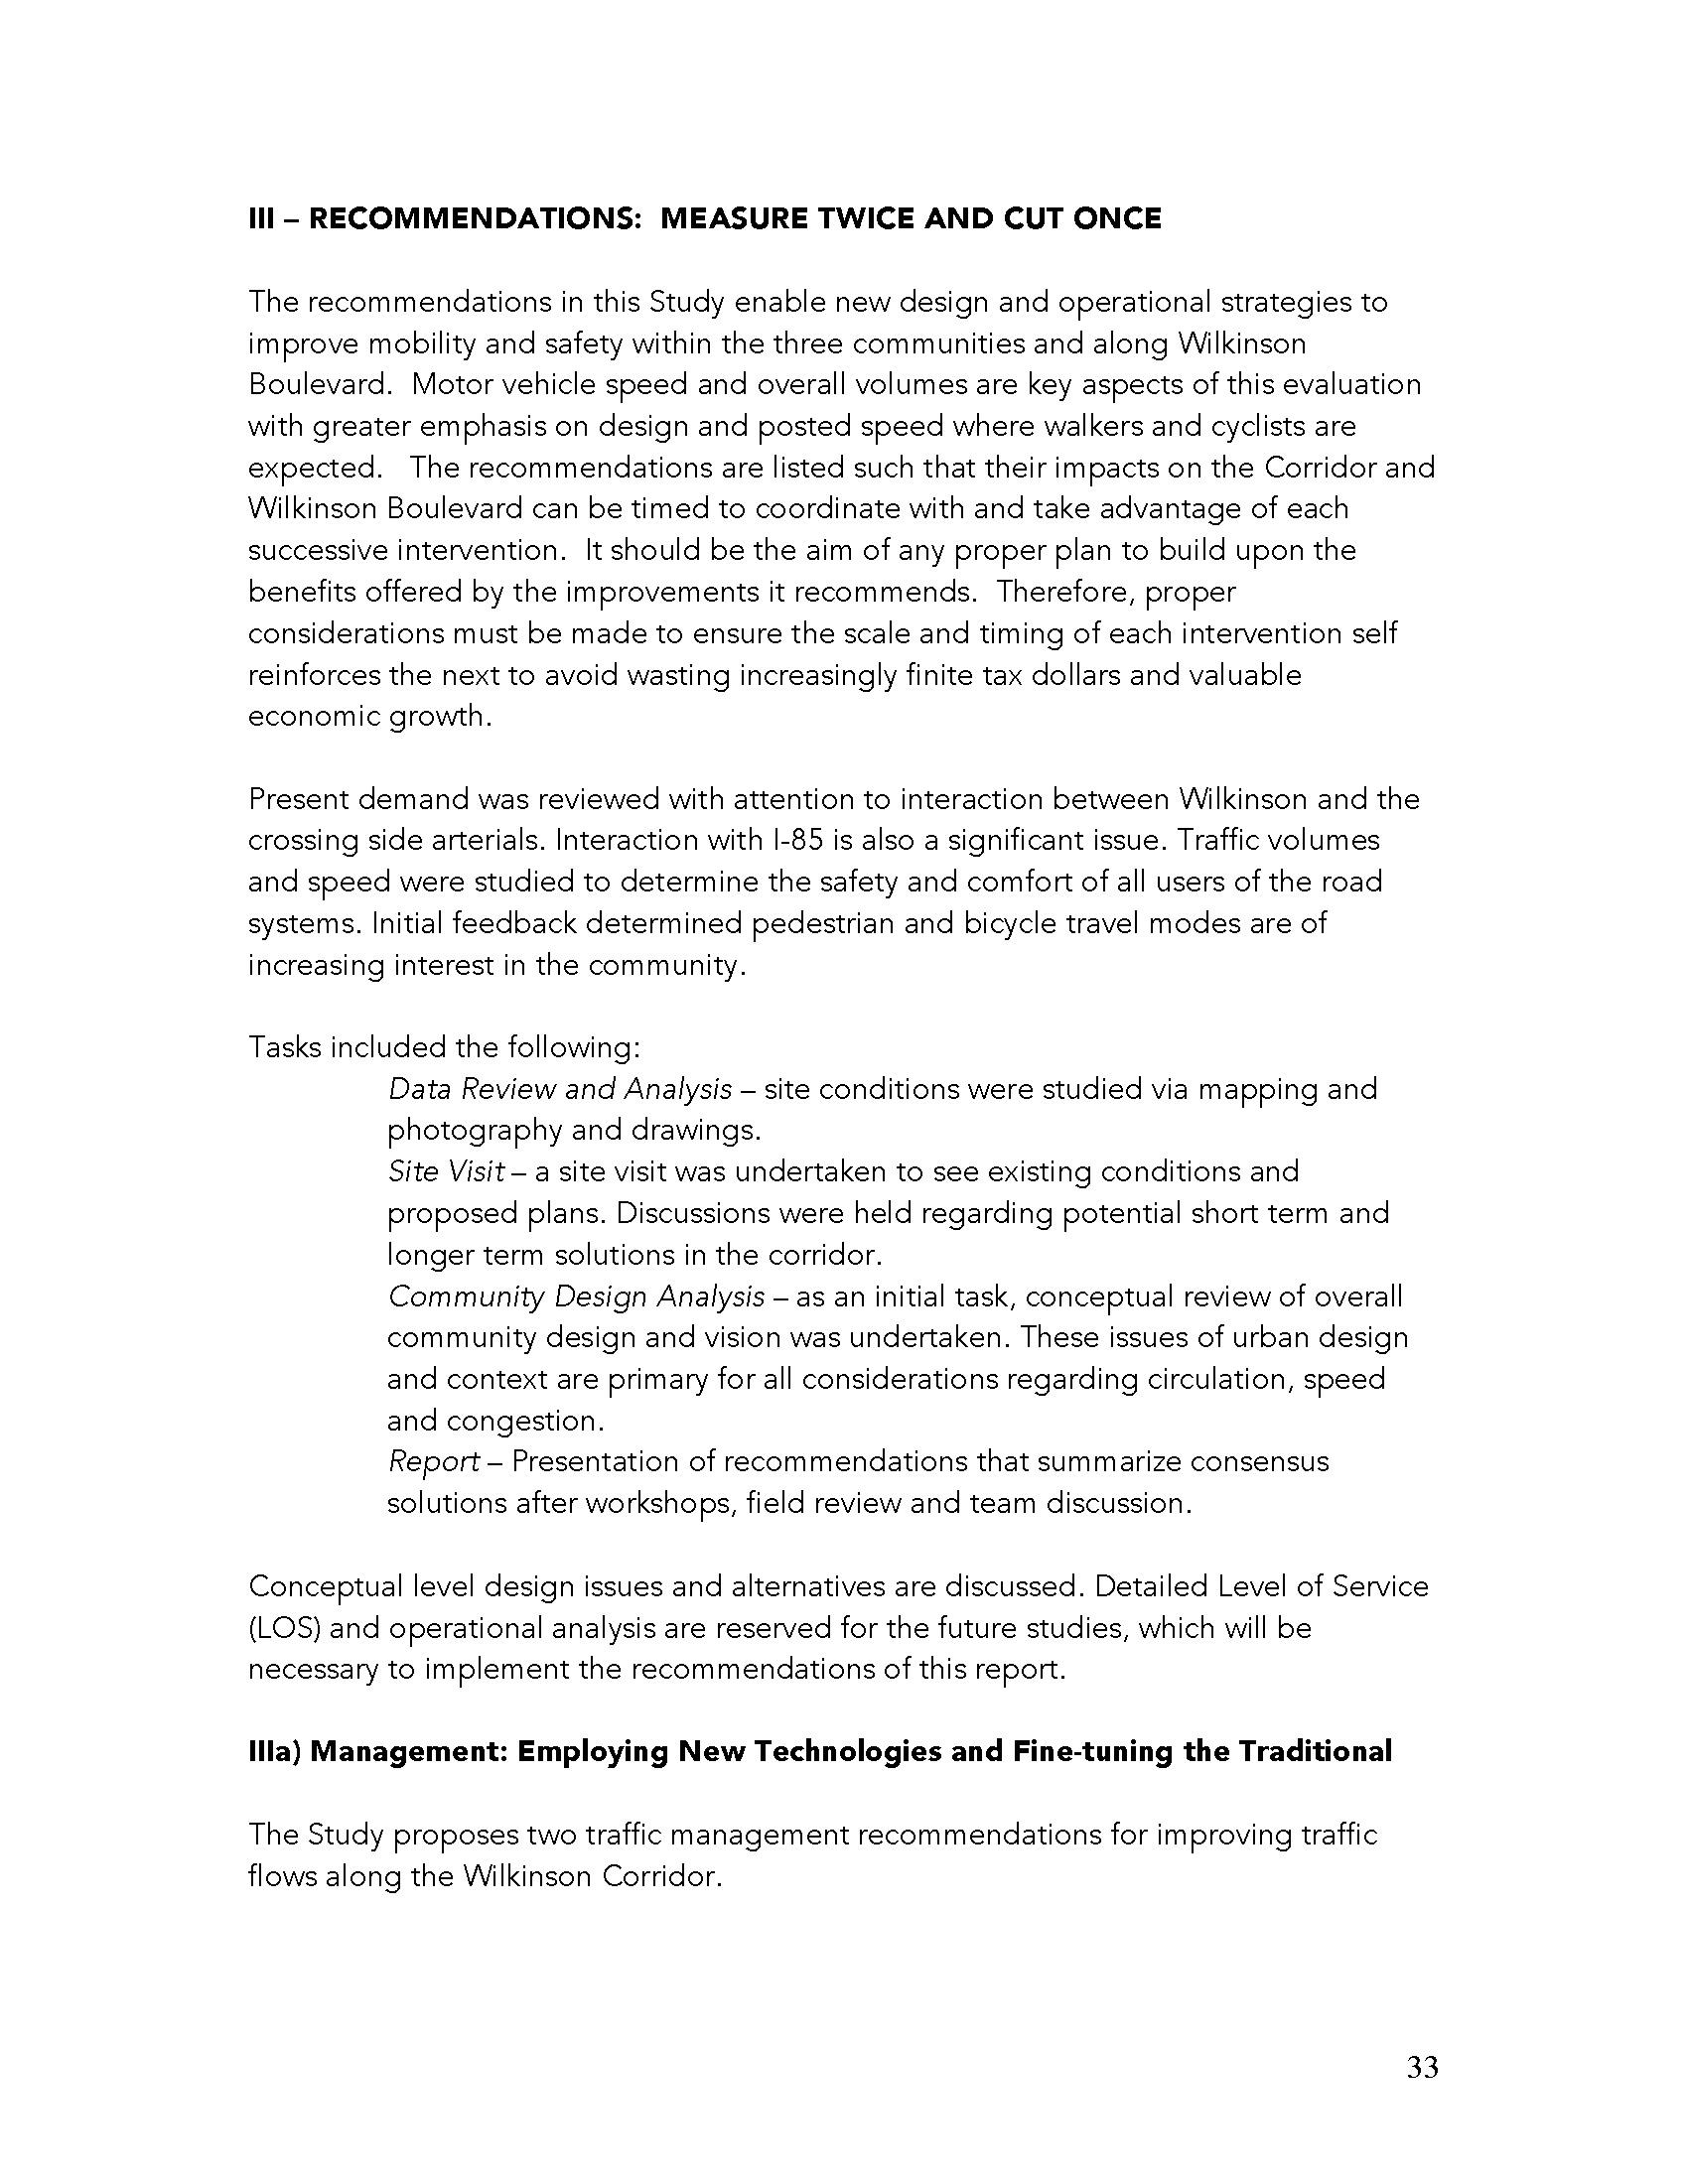 1 WilkinsonBlvd Draft Report 1-22-15 RH_Peter Edit_Page_33.jpg